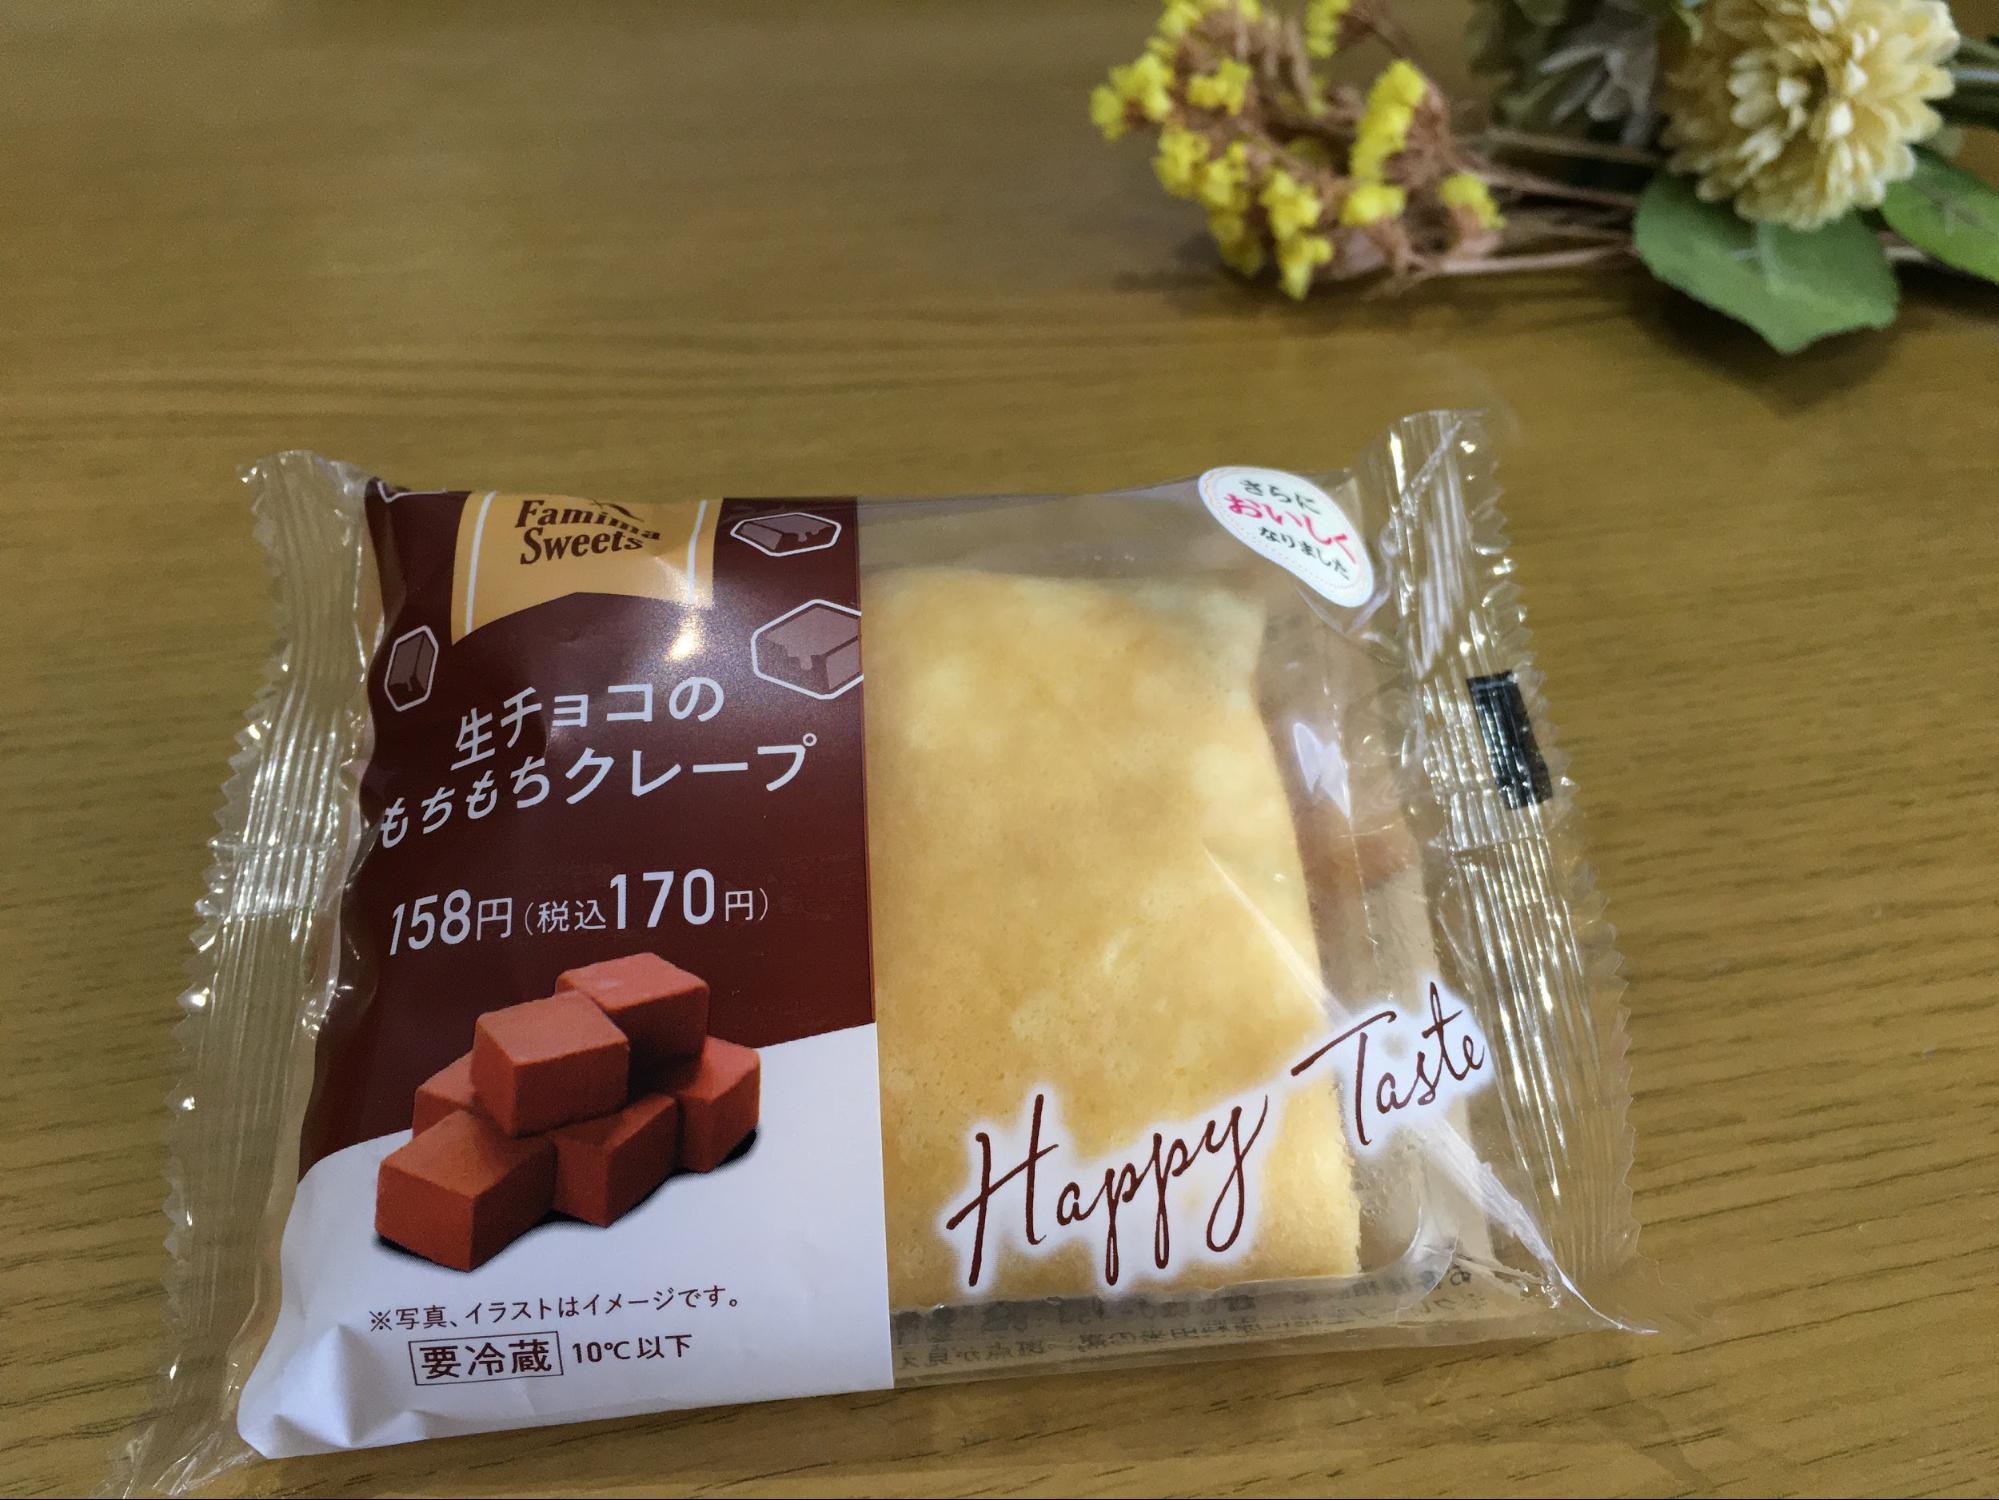 【ファミマ】もちもち食感が癖になる♡生チョコクレープはもう食べた?